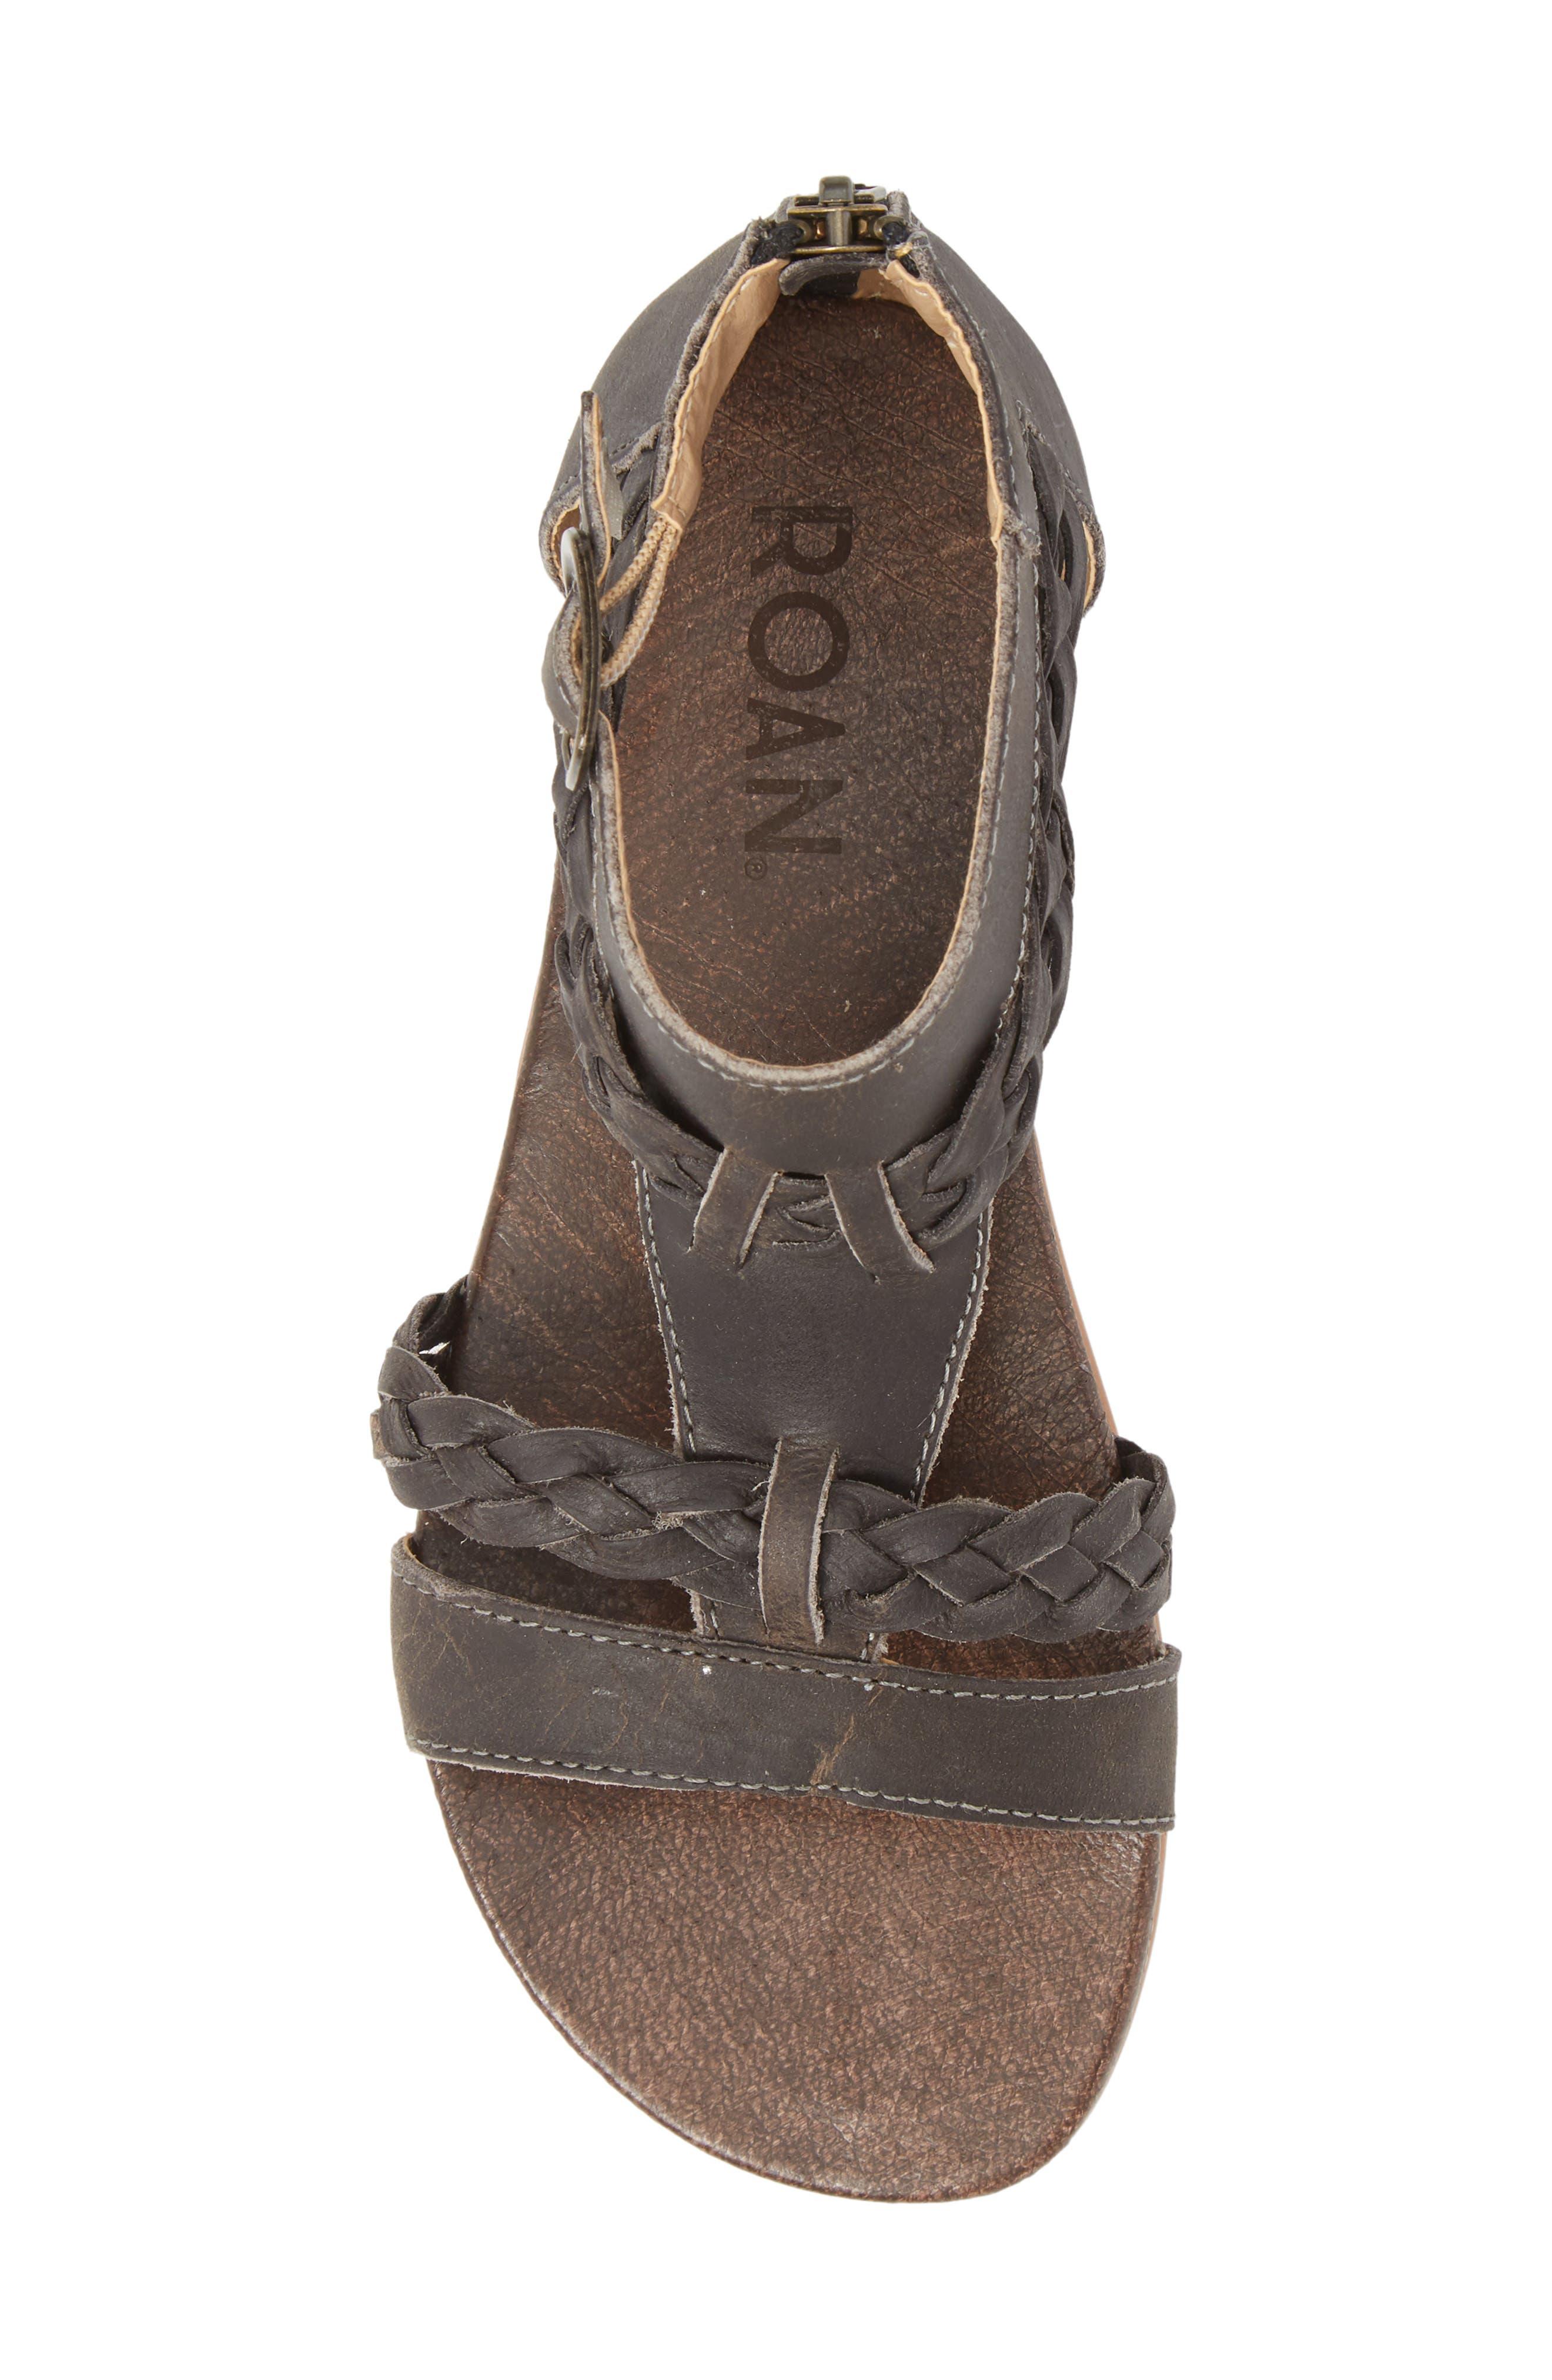 Posey Braided V-Strap Sandal,                             Alternate thumbnail 5, color,                             Sydney Black